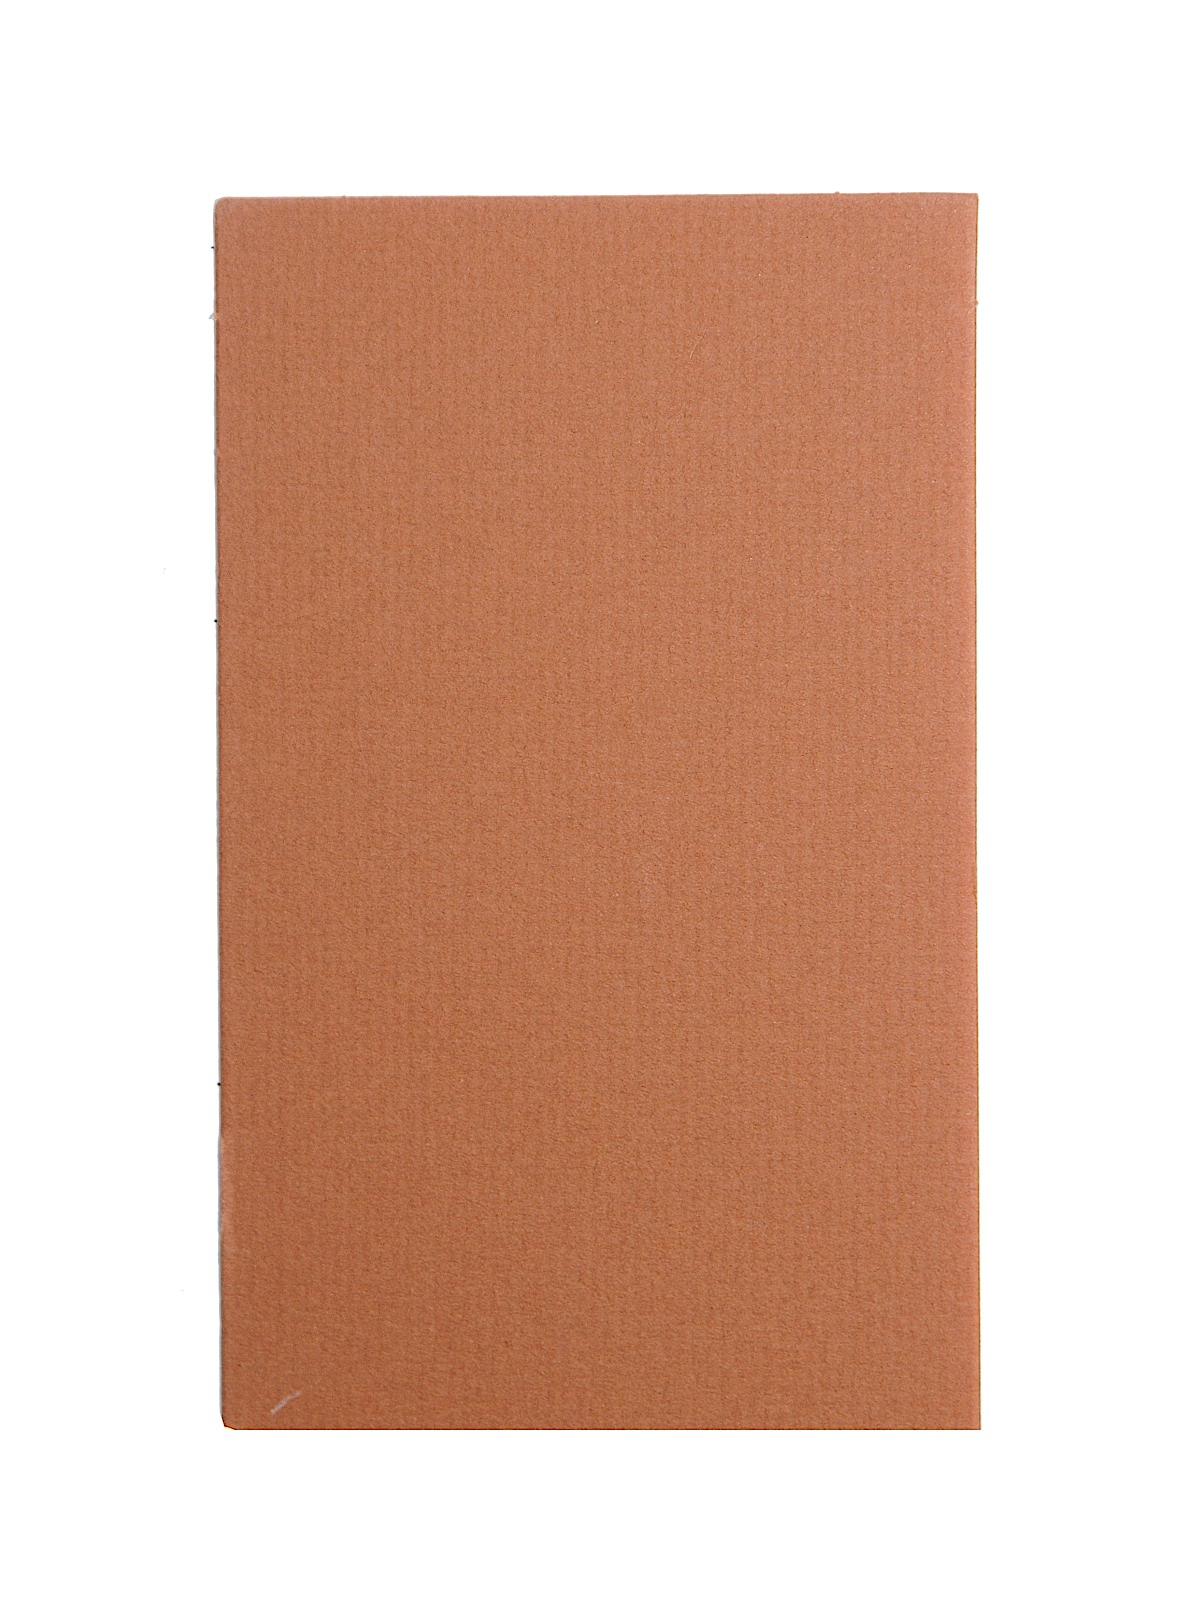 Berkshire Mat Board Autumn 32 In. X 40 In. Cream Core